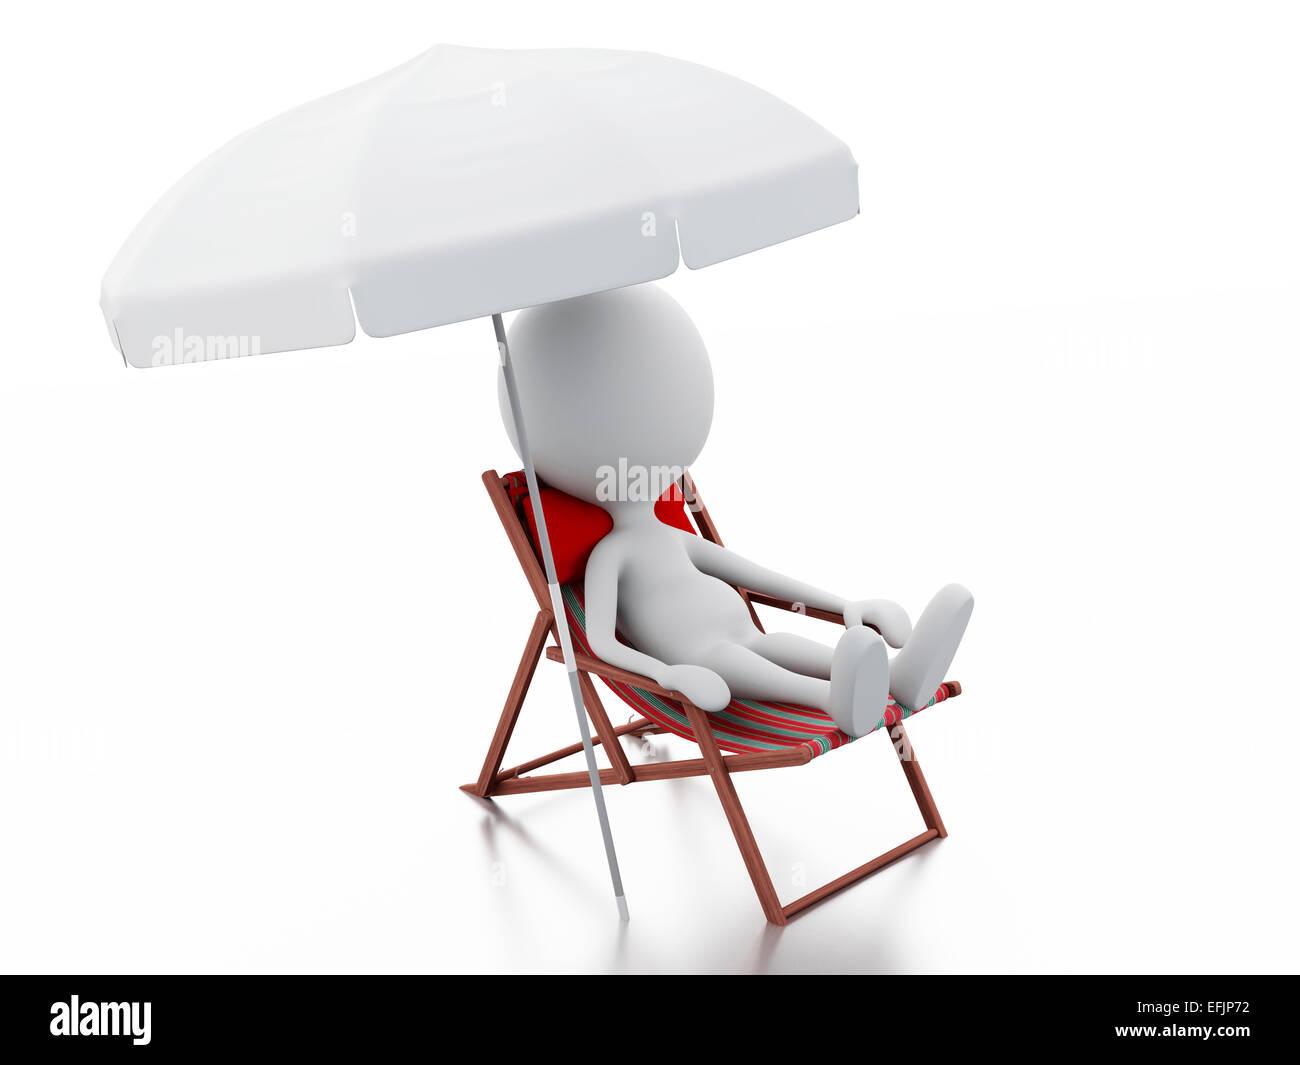 Imagen 3d. La gente blanca relajada en una silla de playa. Concepto de  vacaciones 4ee61d775f0d